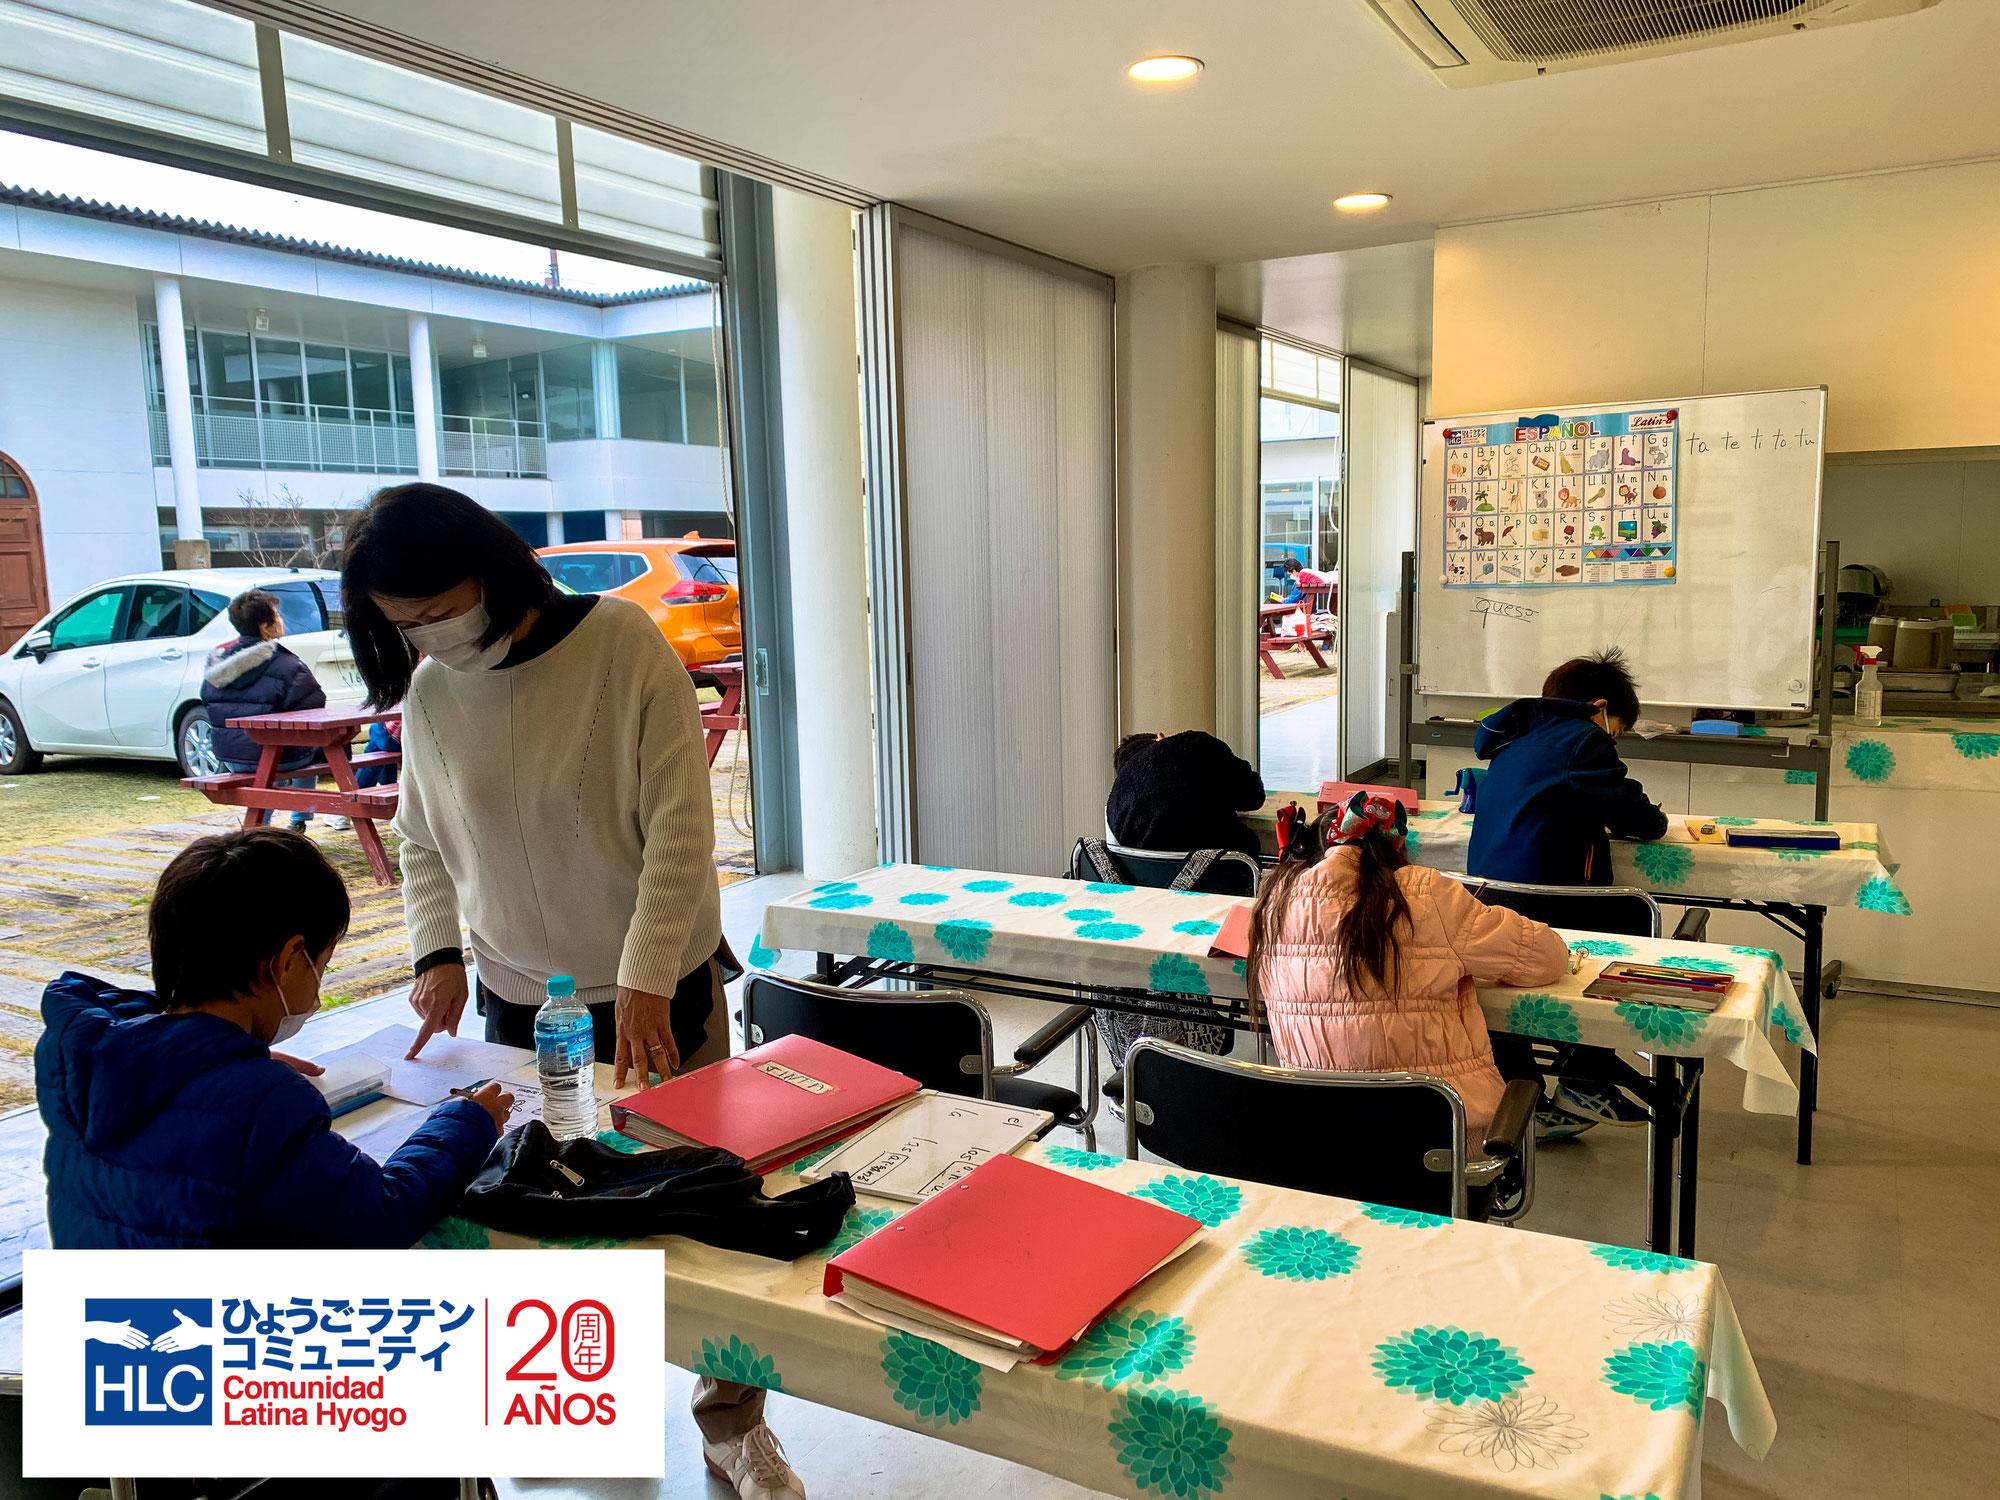 ◆◆母語教室 Amigos sin Fronteras 3月13目の授業/ Taller de español, 13 marzo◆◆